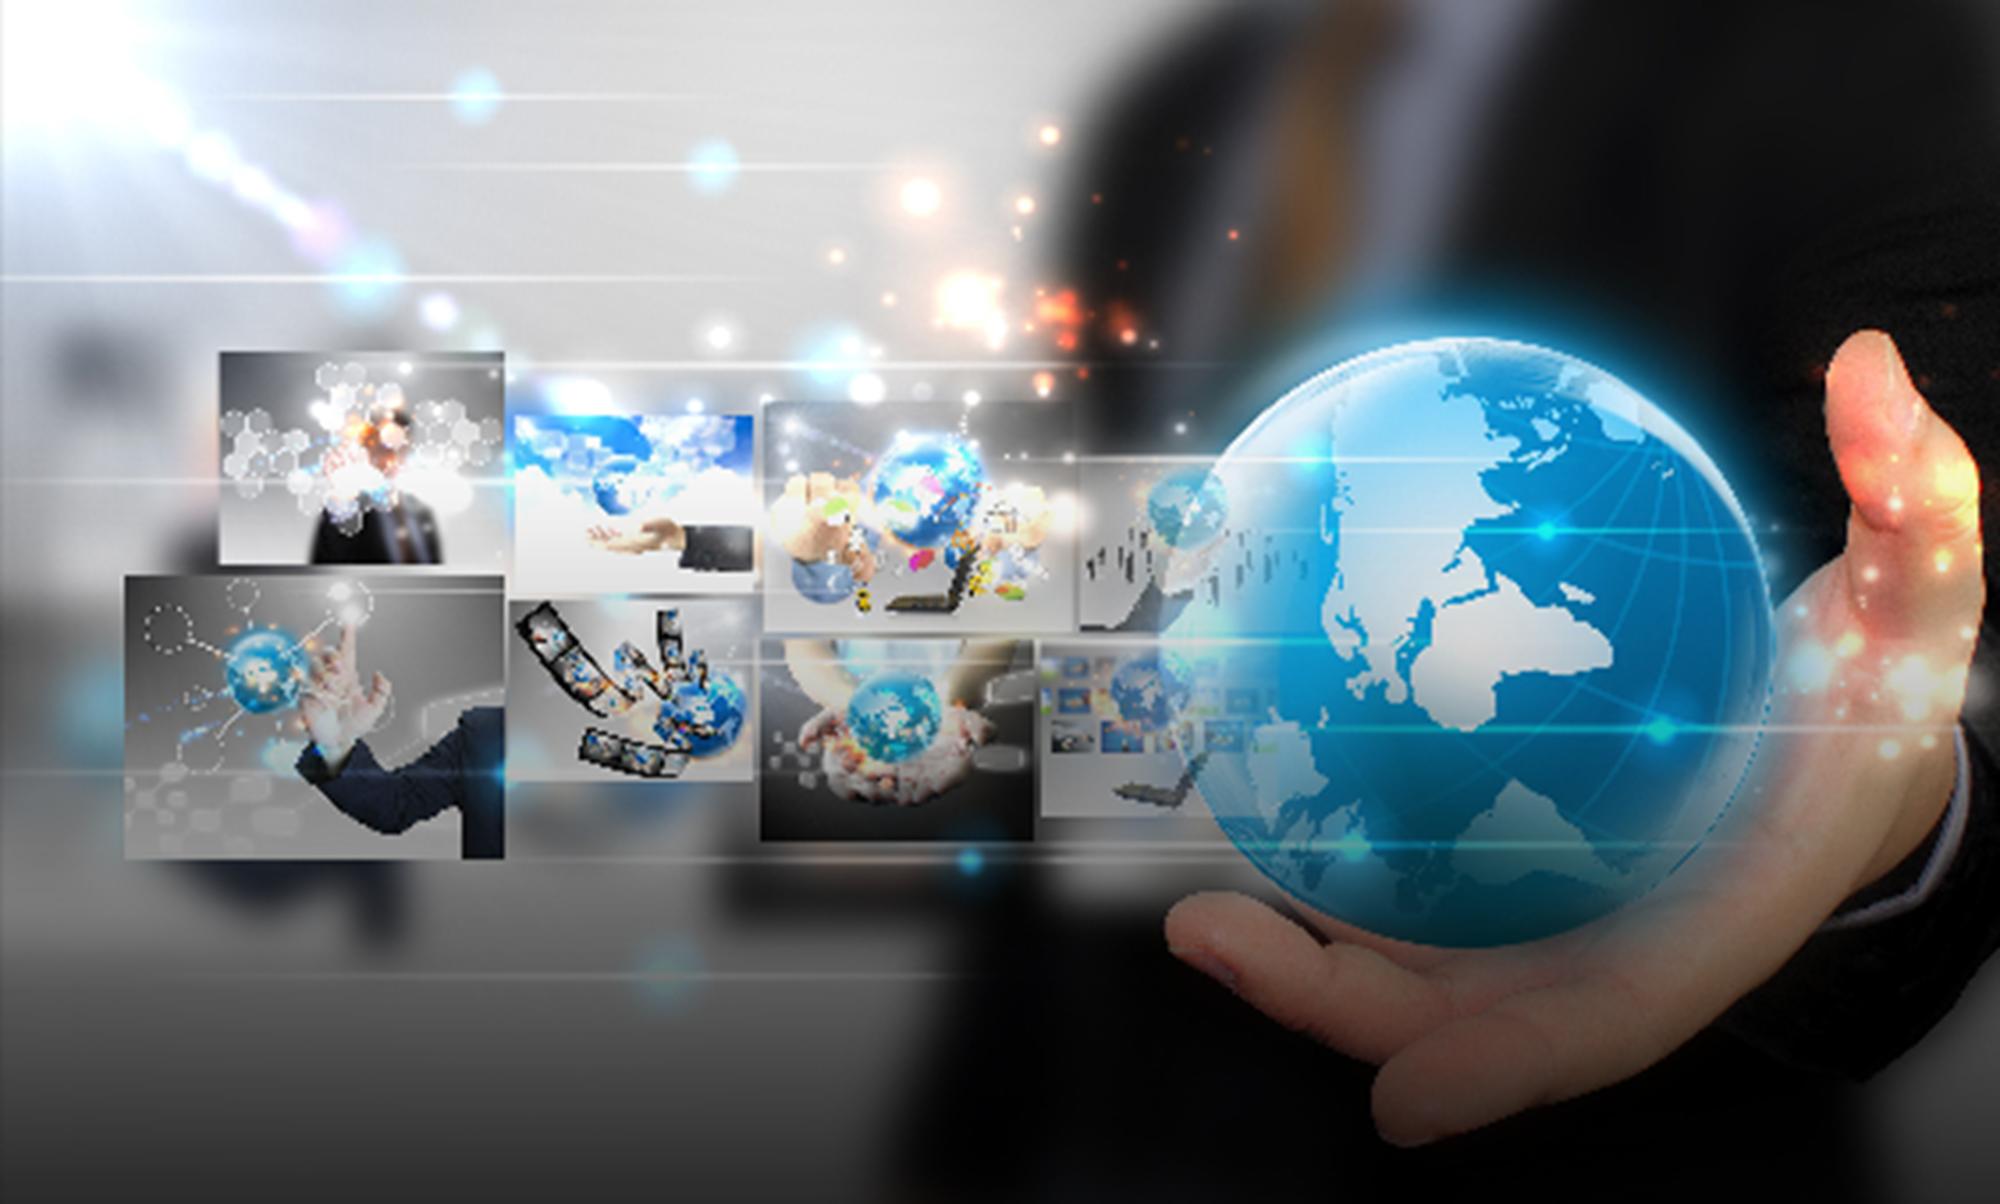 qlm digital marketing